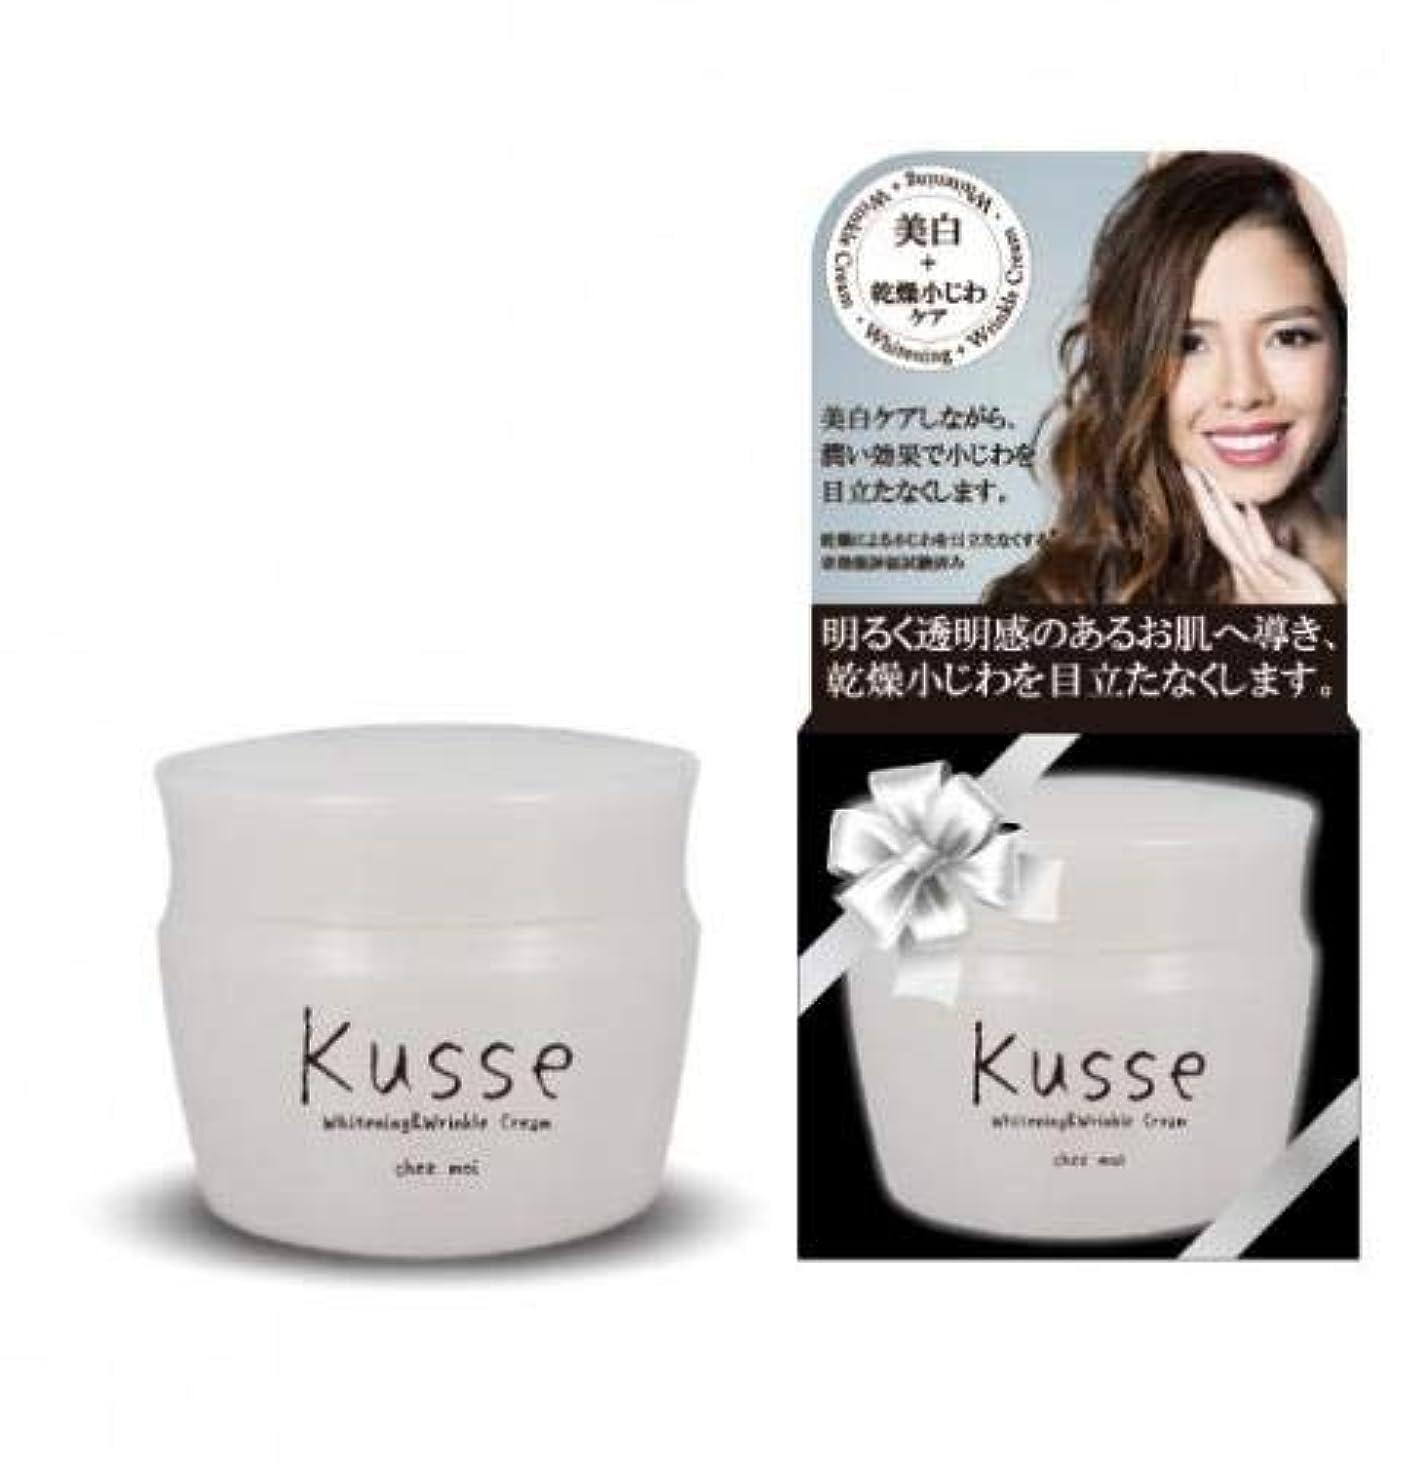 振り返る想像力豊かな岩シェモア 薬用 Kusse(キュセ) Whitening&Wrinkle Cream クリーム 30g